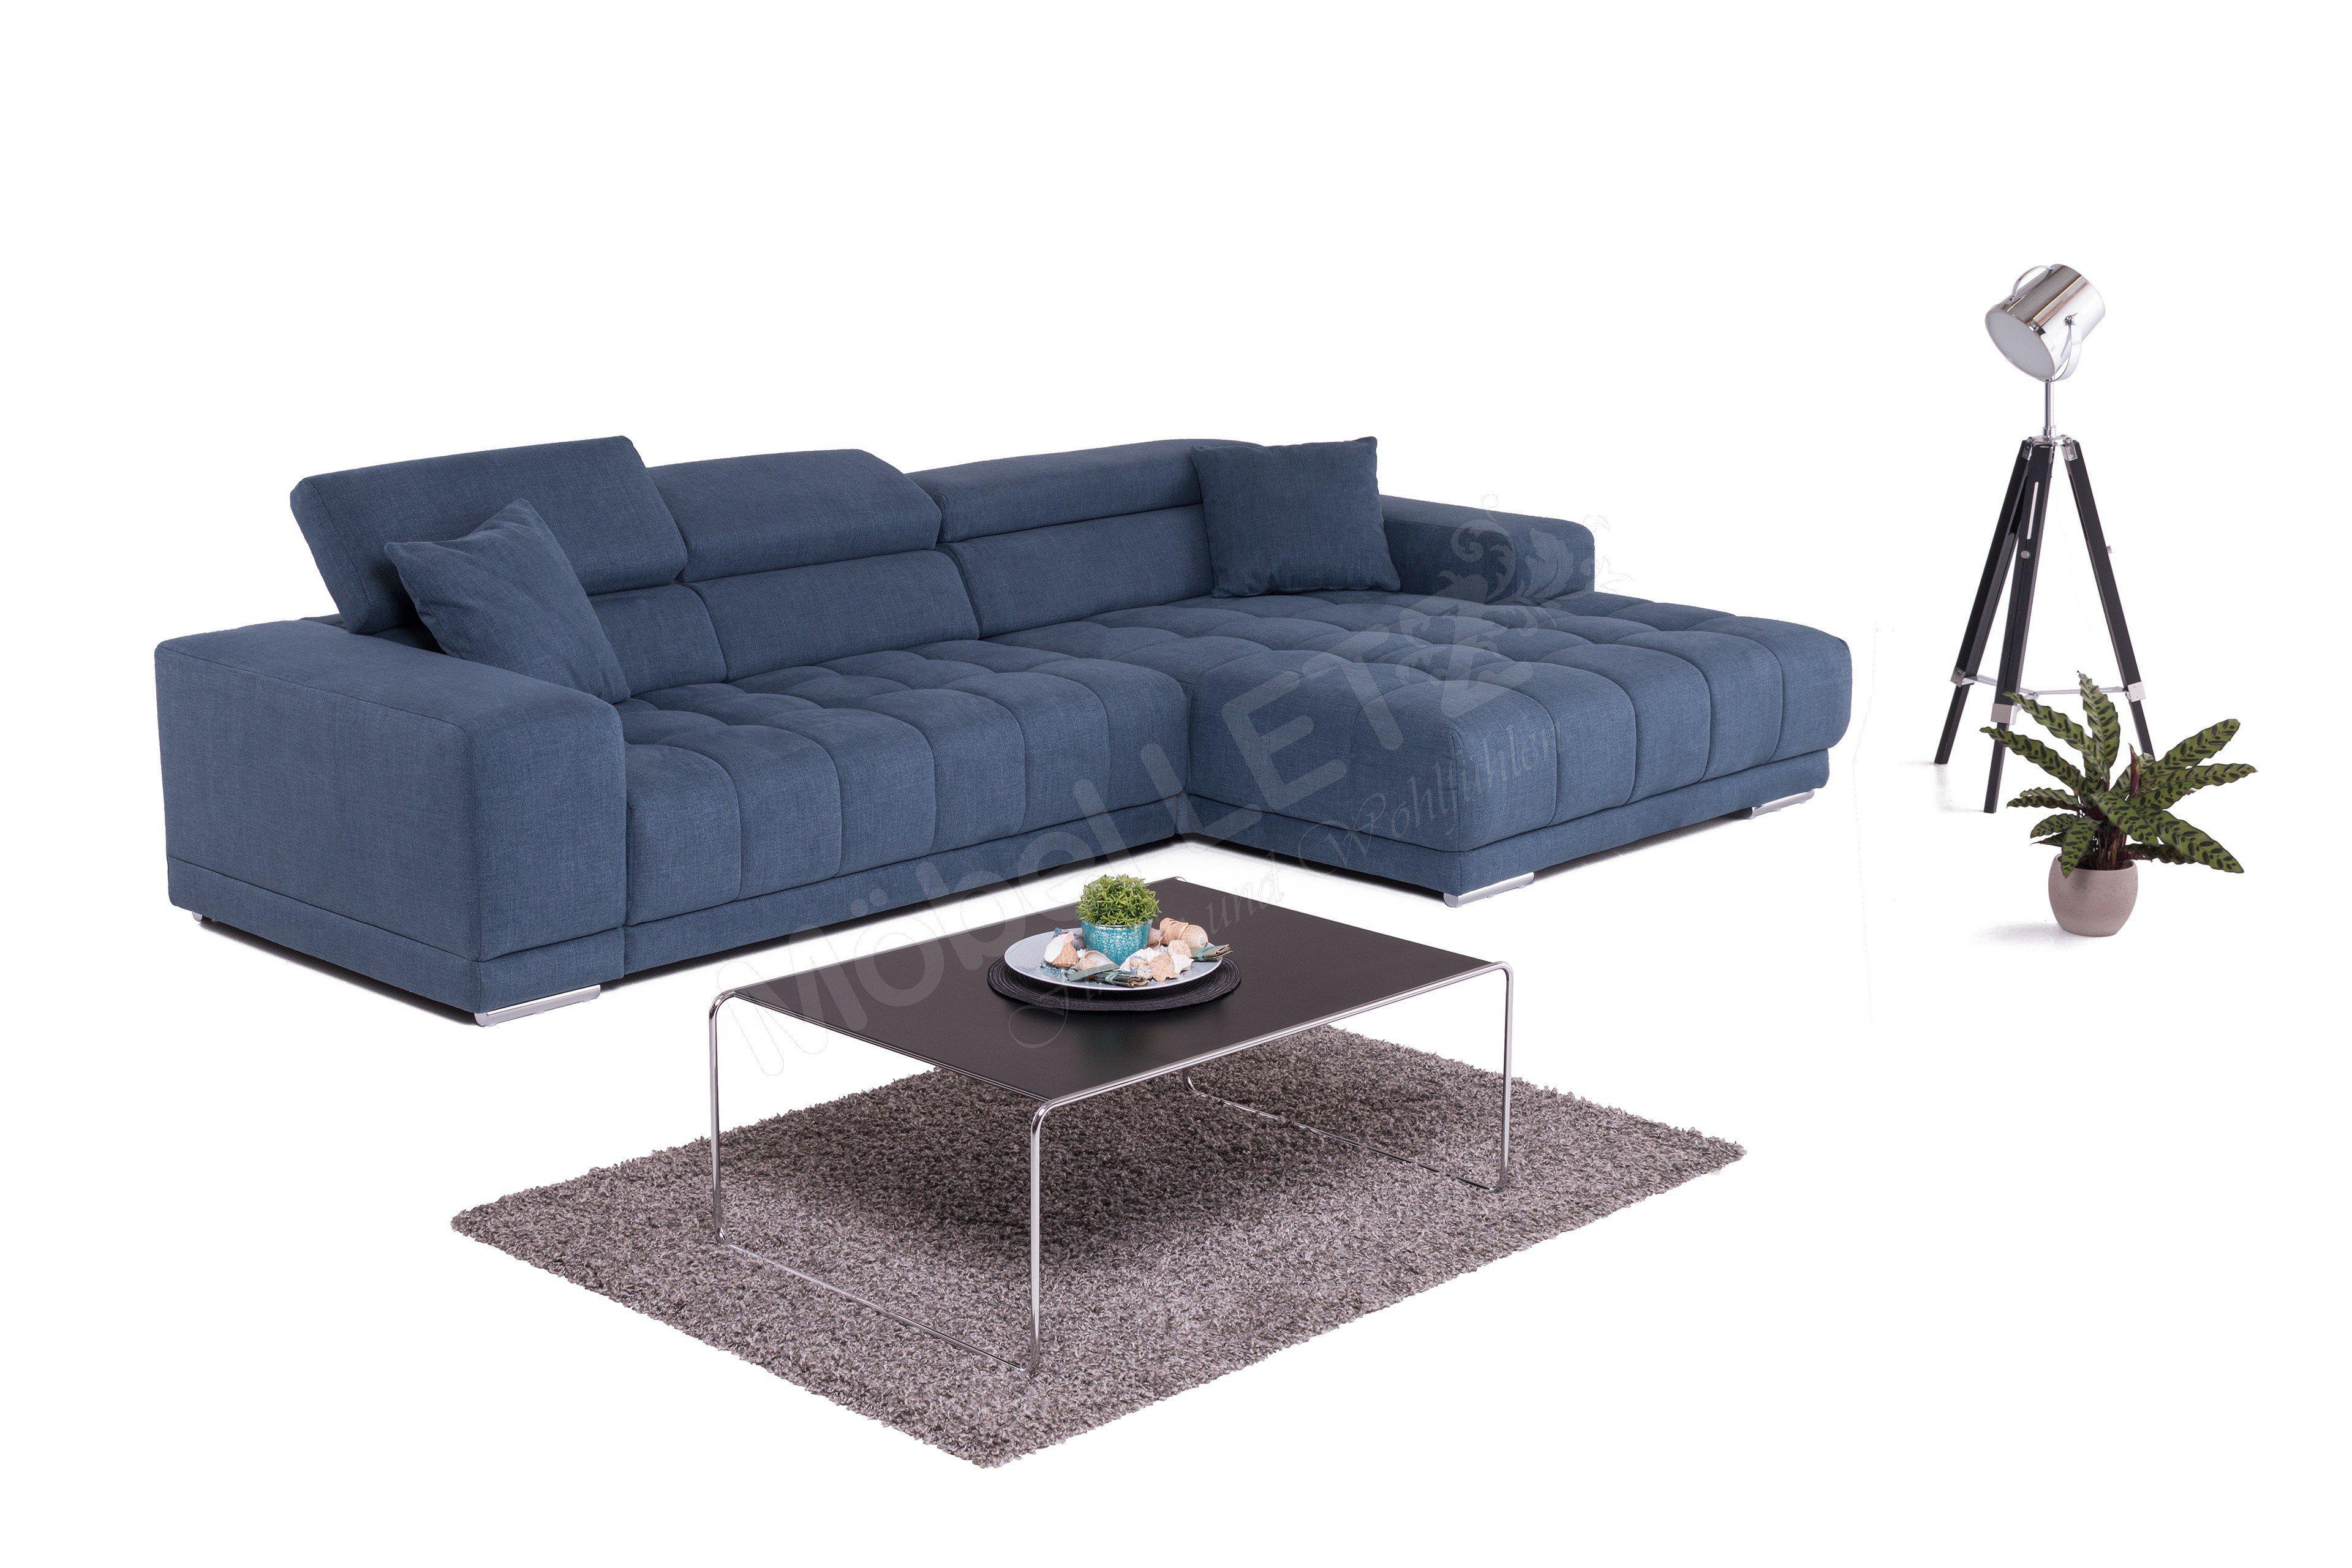 billige sofas online kaufen elegant domo collection wahlweise mit with billige sofas online. Black Bedroom Furniture Sets. Home Design Ideas